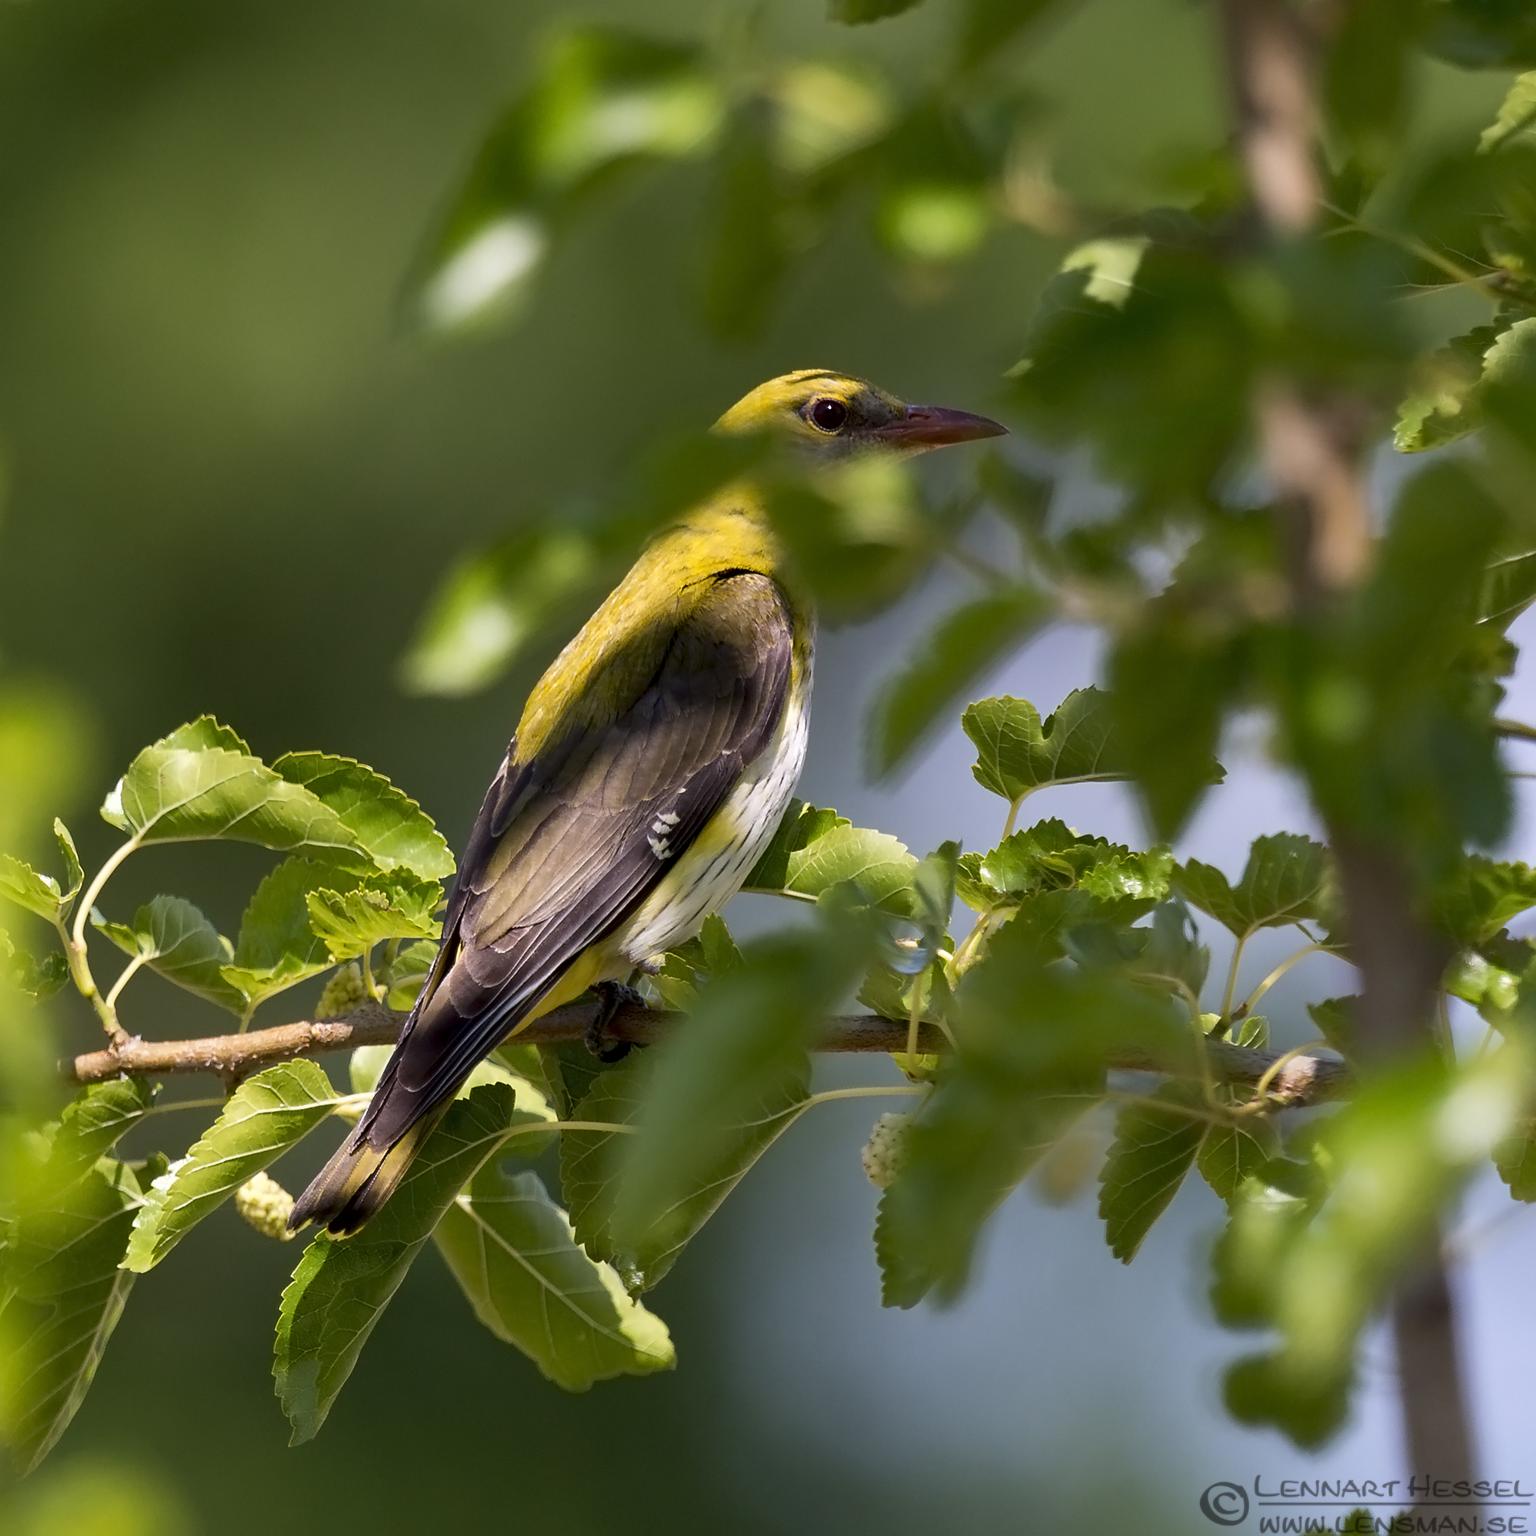 Female Golden Oriole Bee-eater